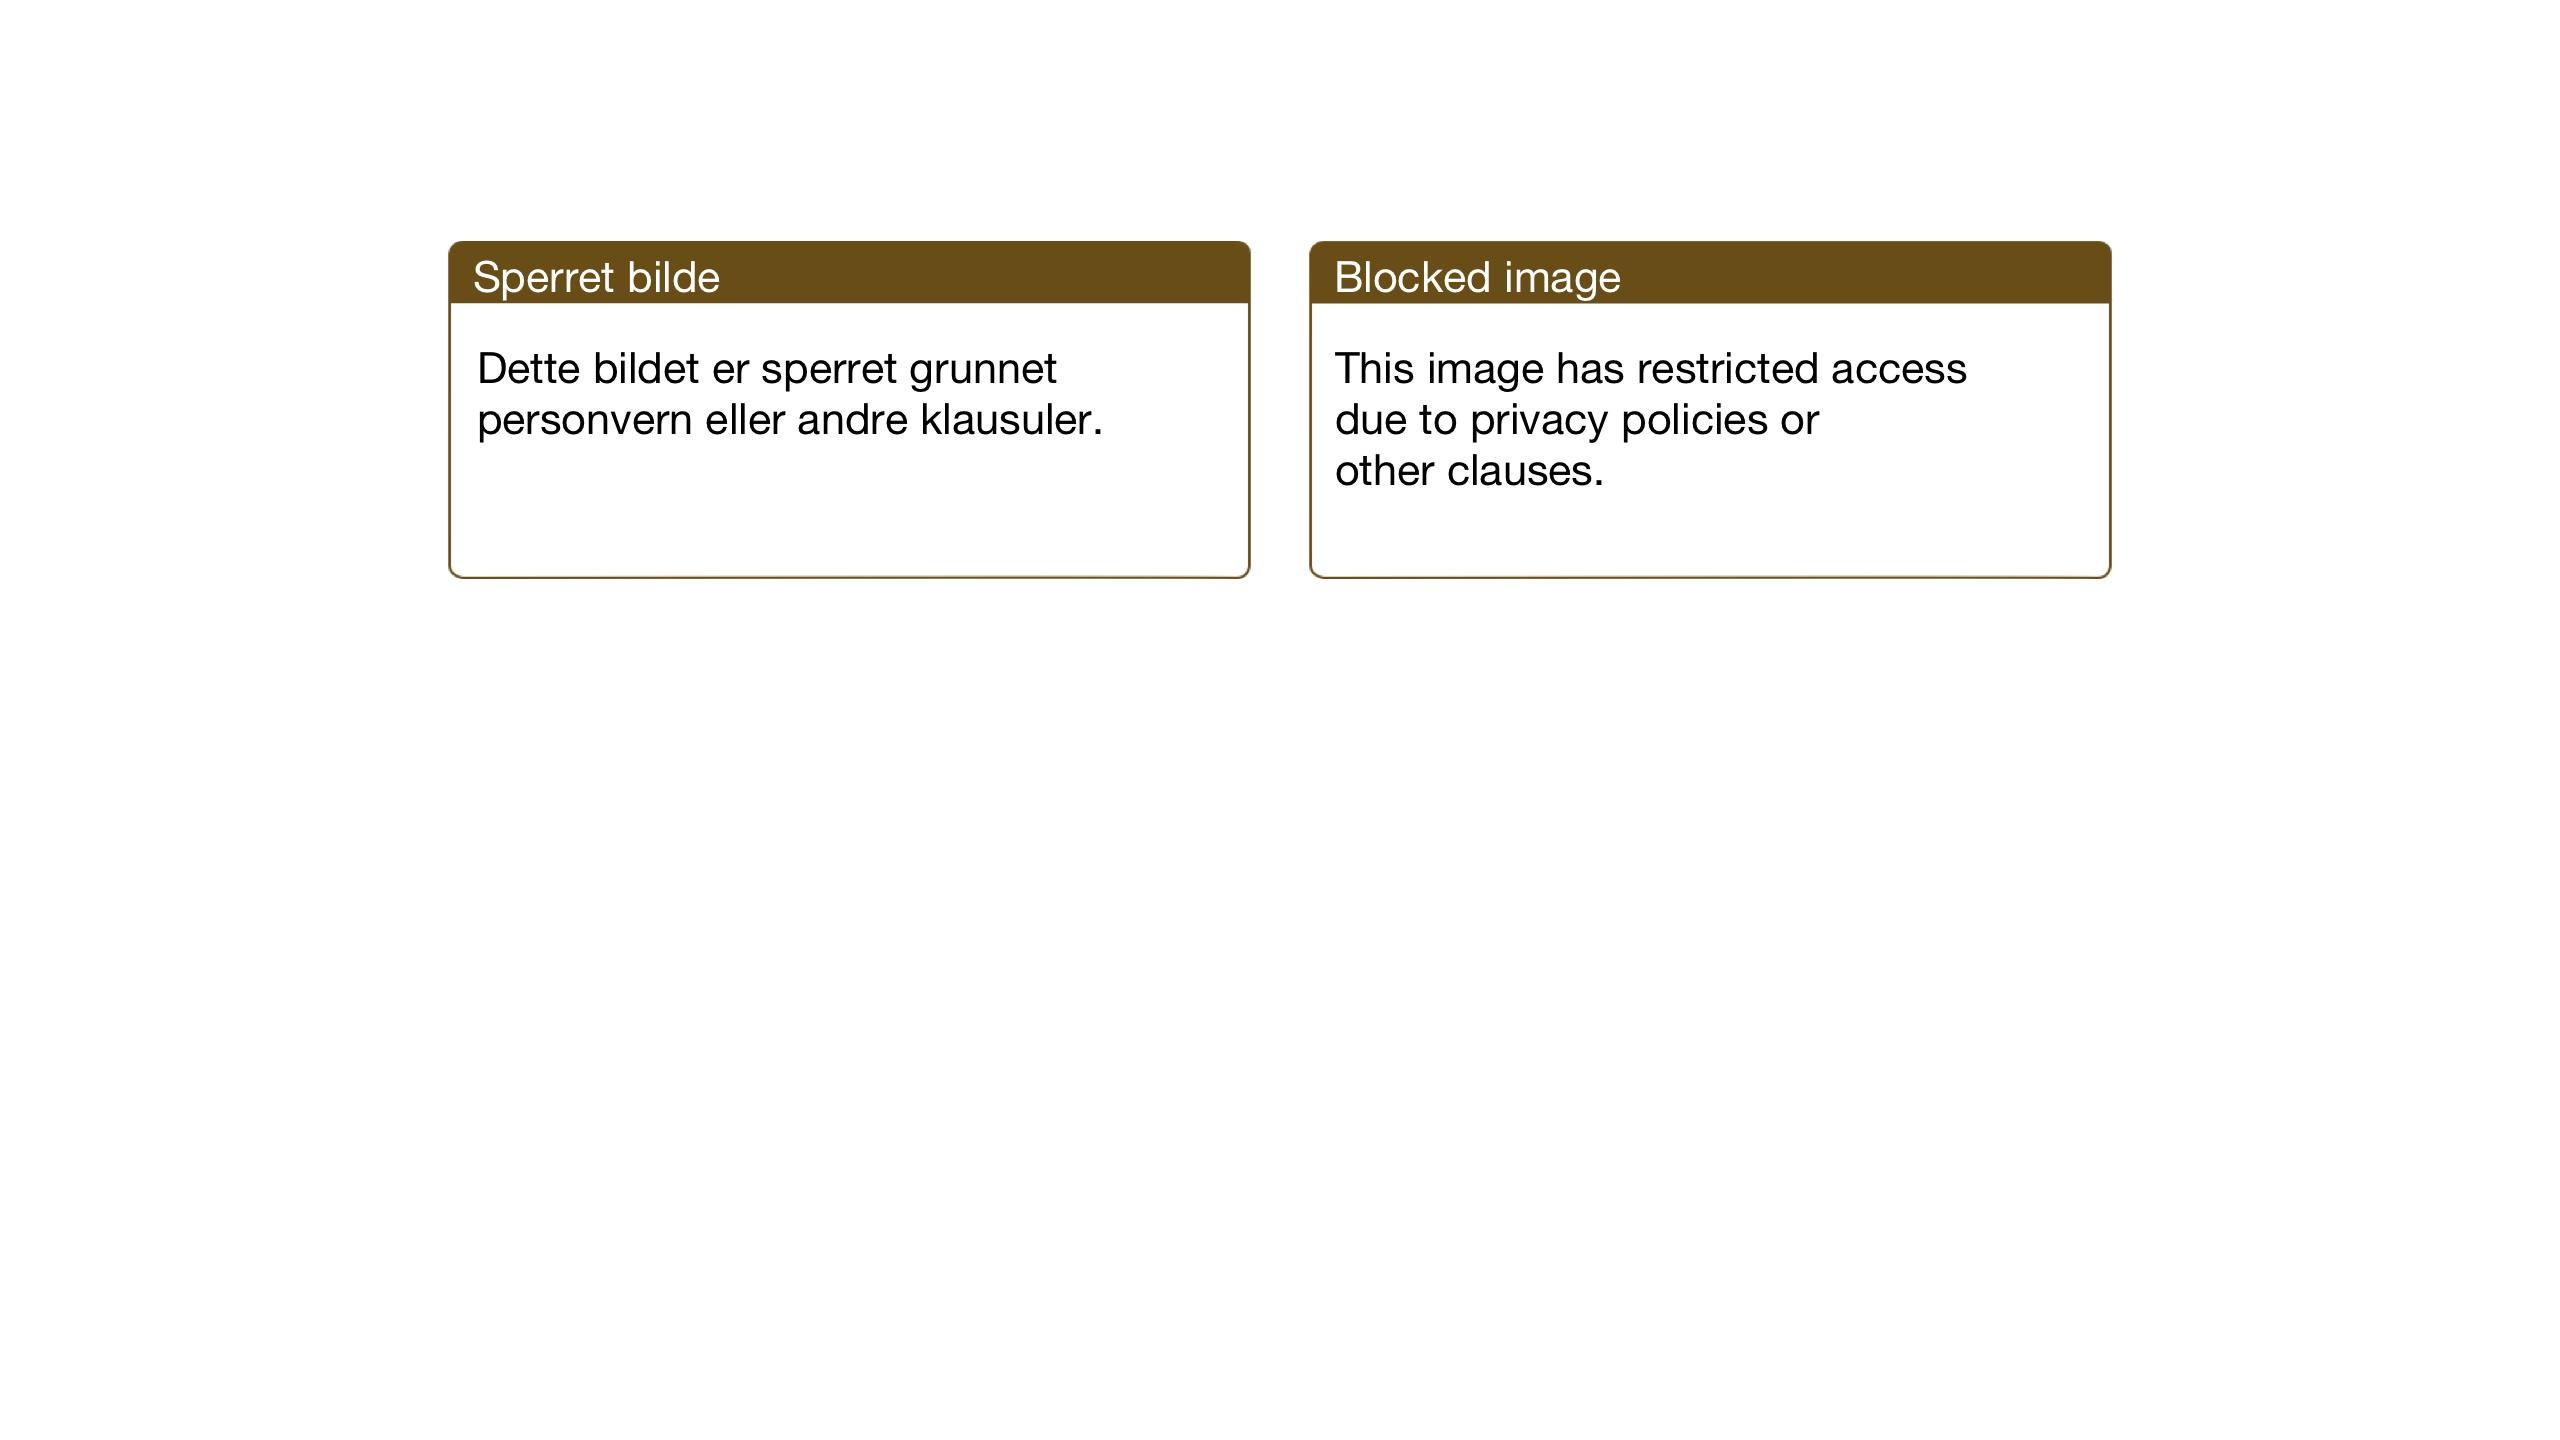 SAT, Ministerialprotokoller, klokkerbøker og fødselsregistre - Nord-Trøndelag, 741/L0403: Ministerialbok nr. 741C04, 1925-1944, s. 49